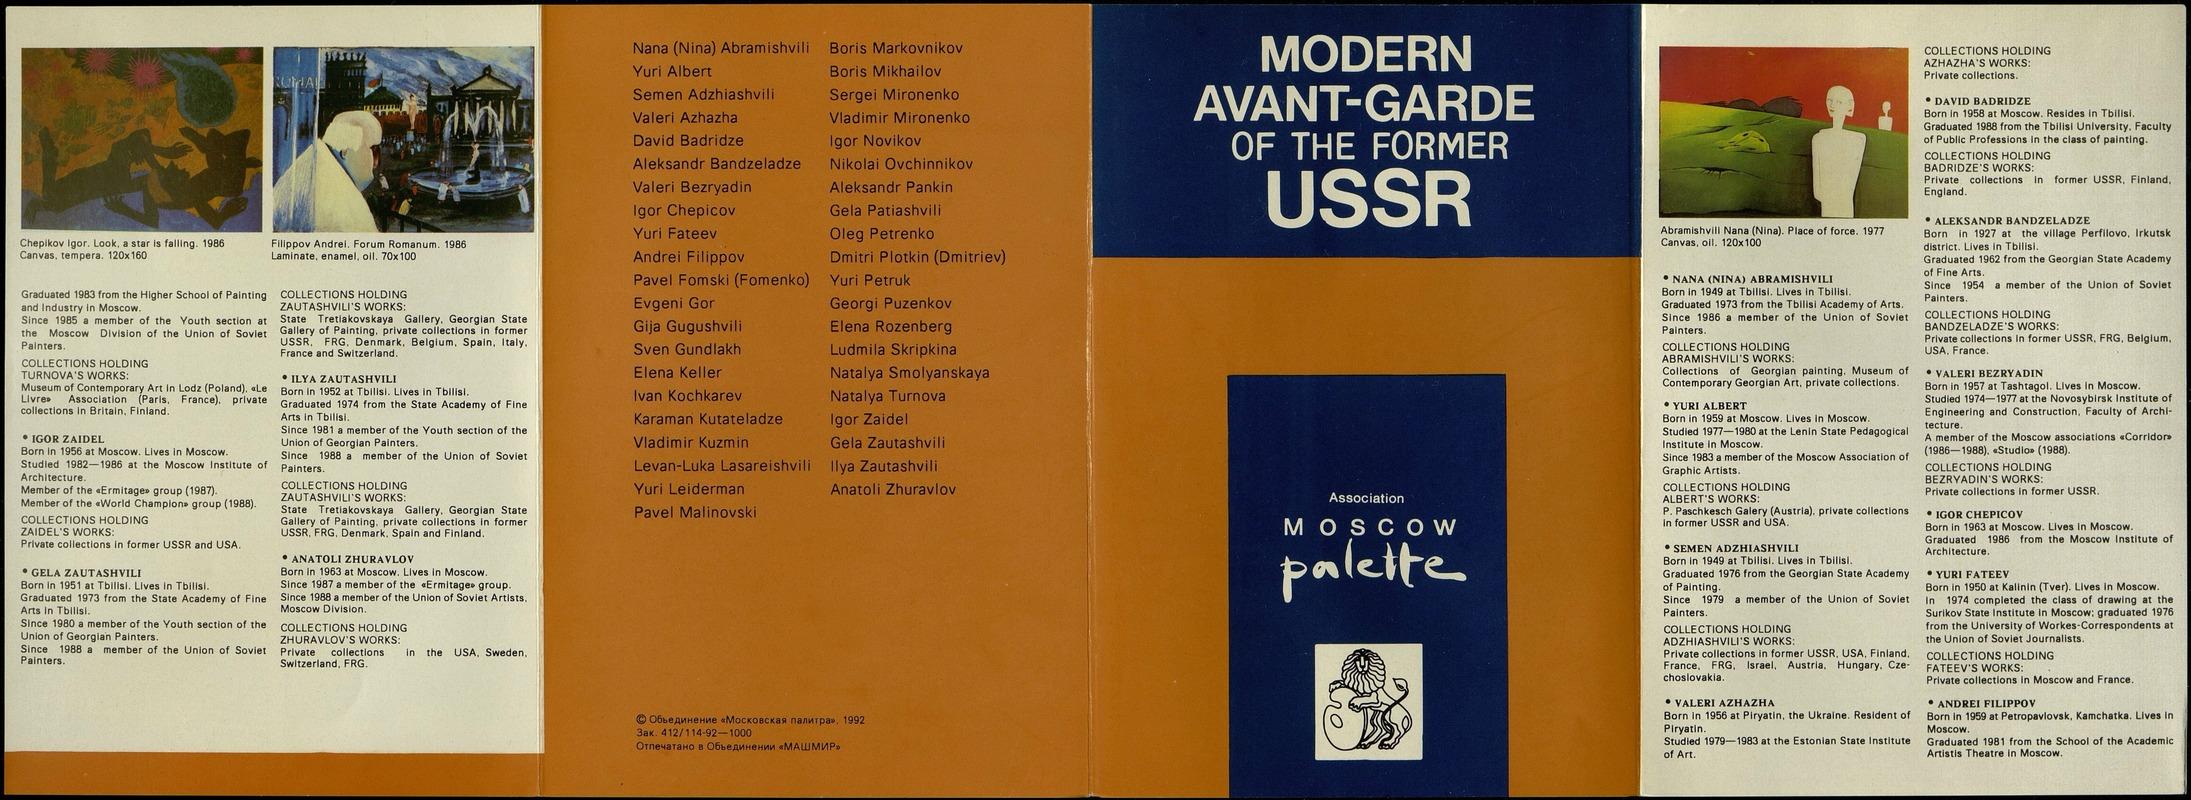 Modern Avant-Garde of the former USSR